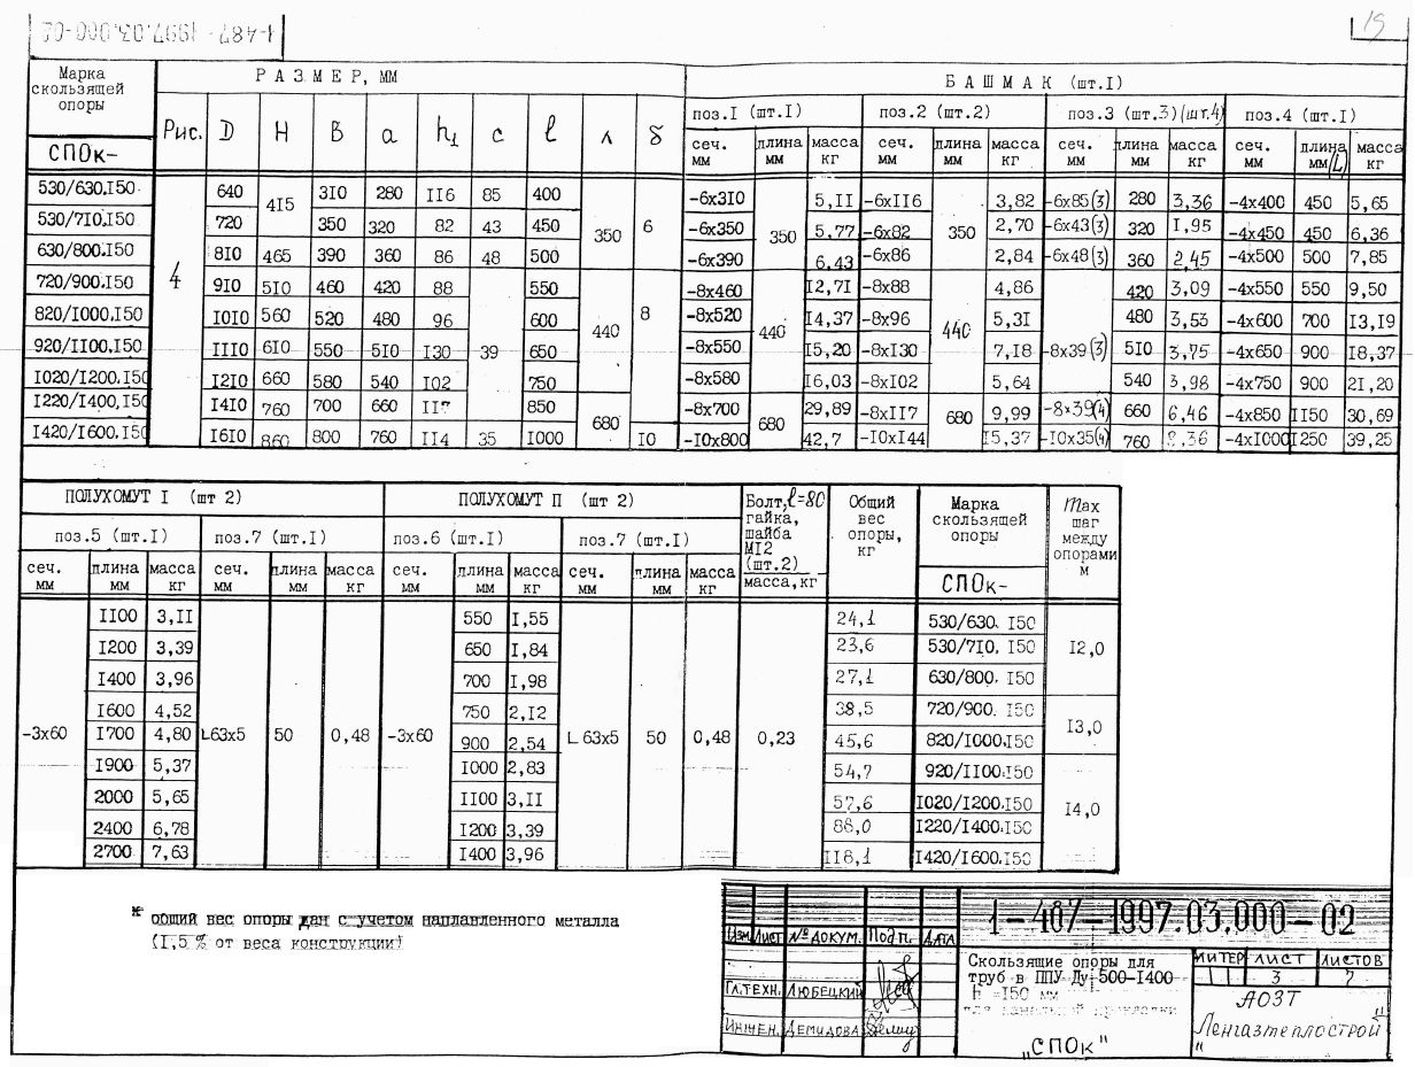 Опора СПОк ТД 1-487-1997.03.000-03 стр.7